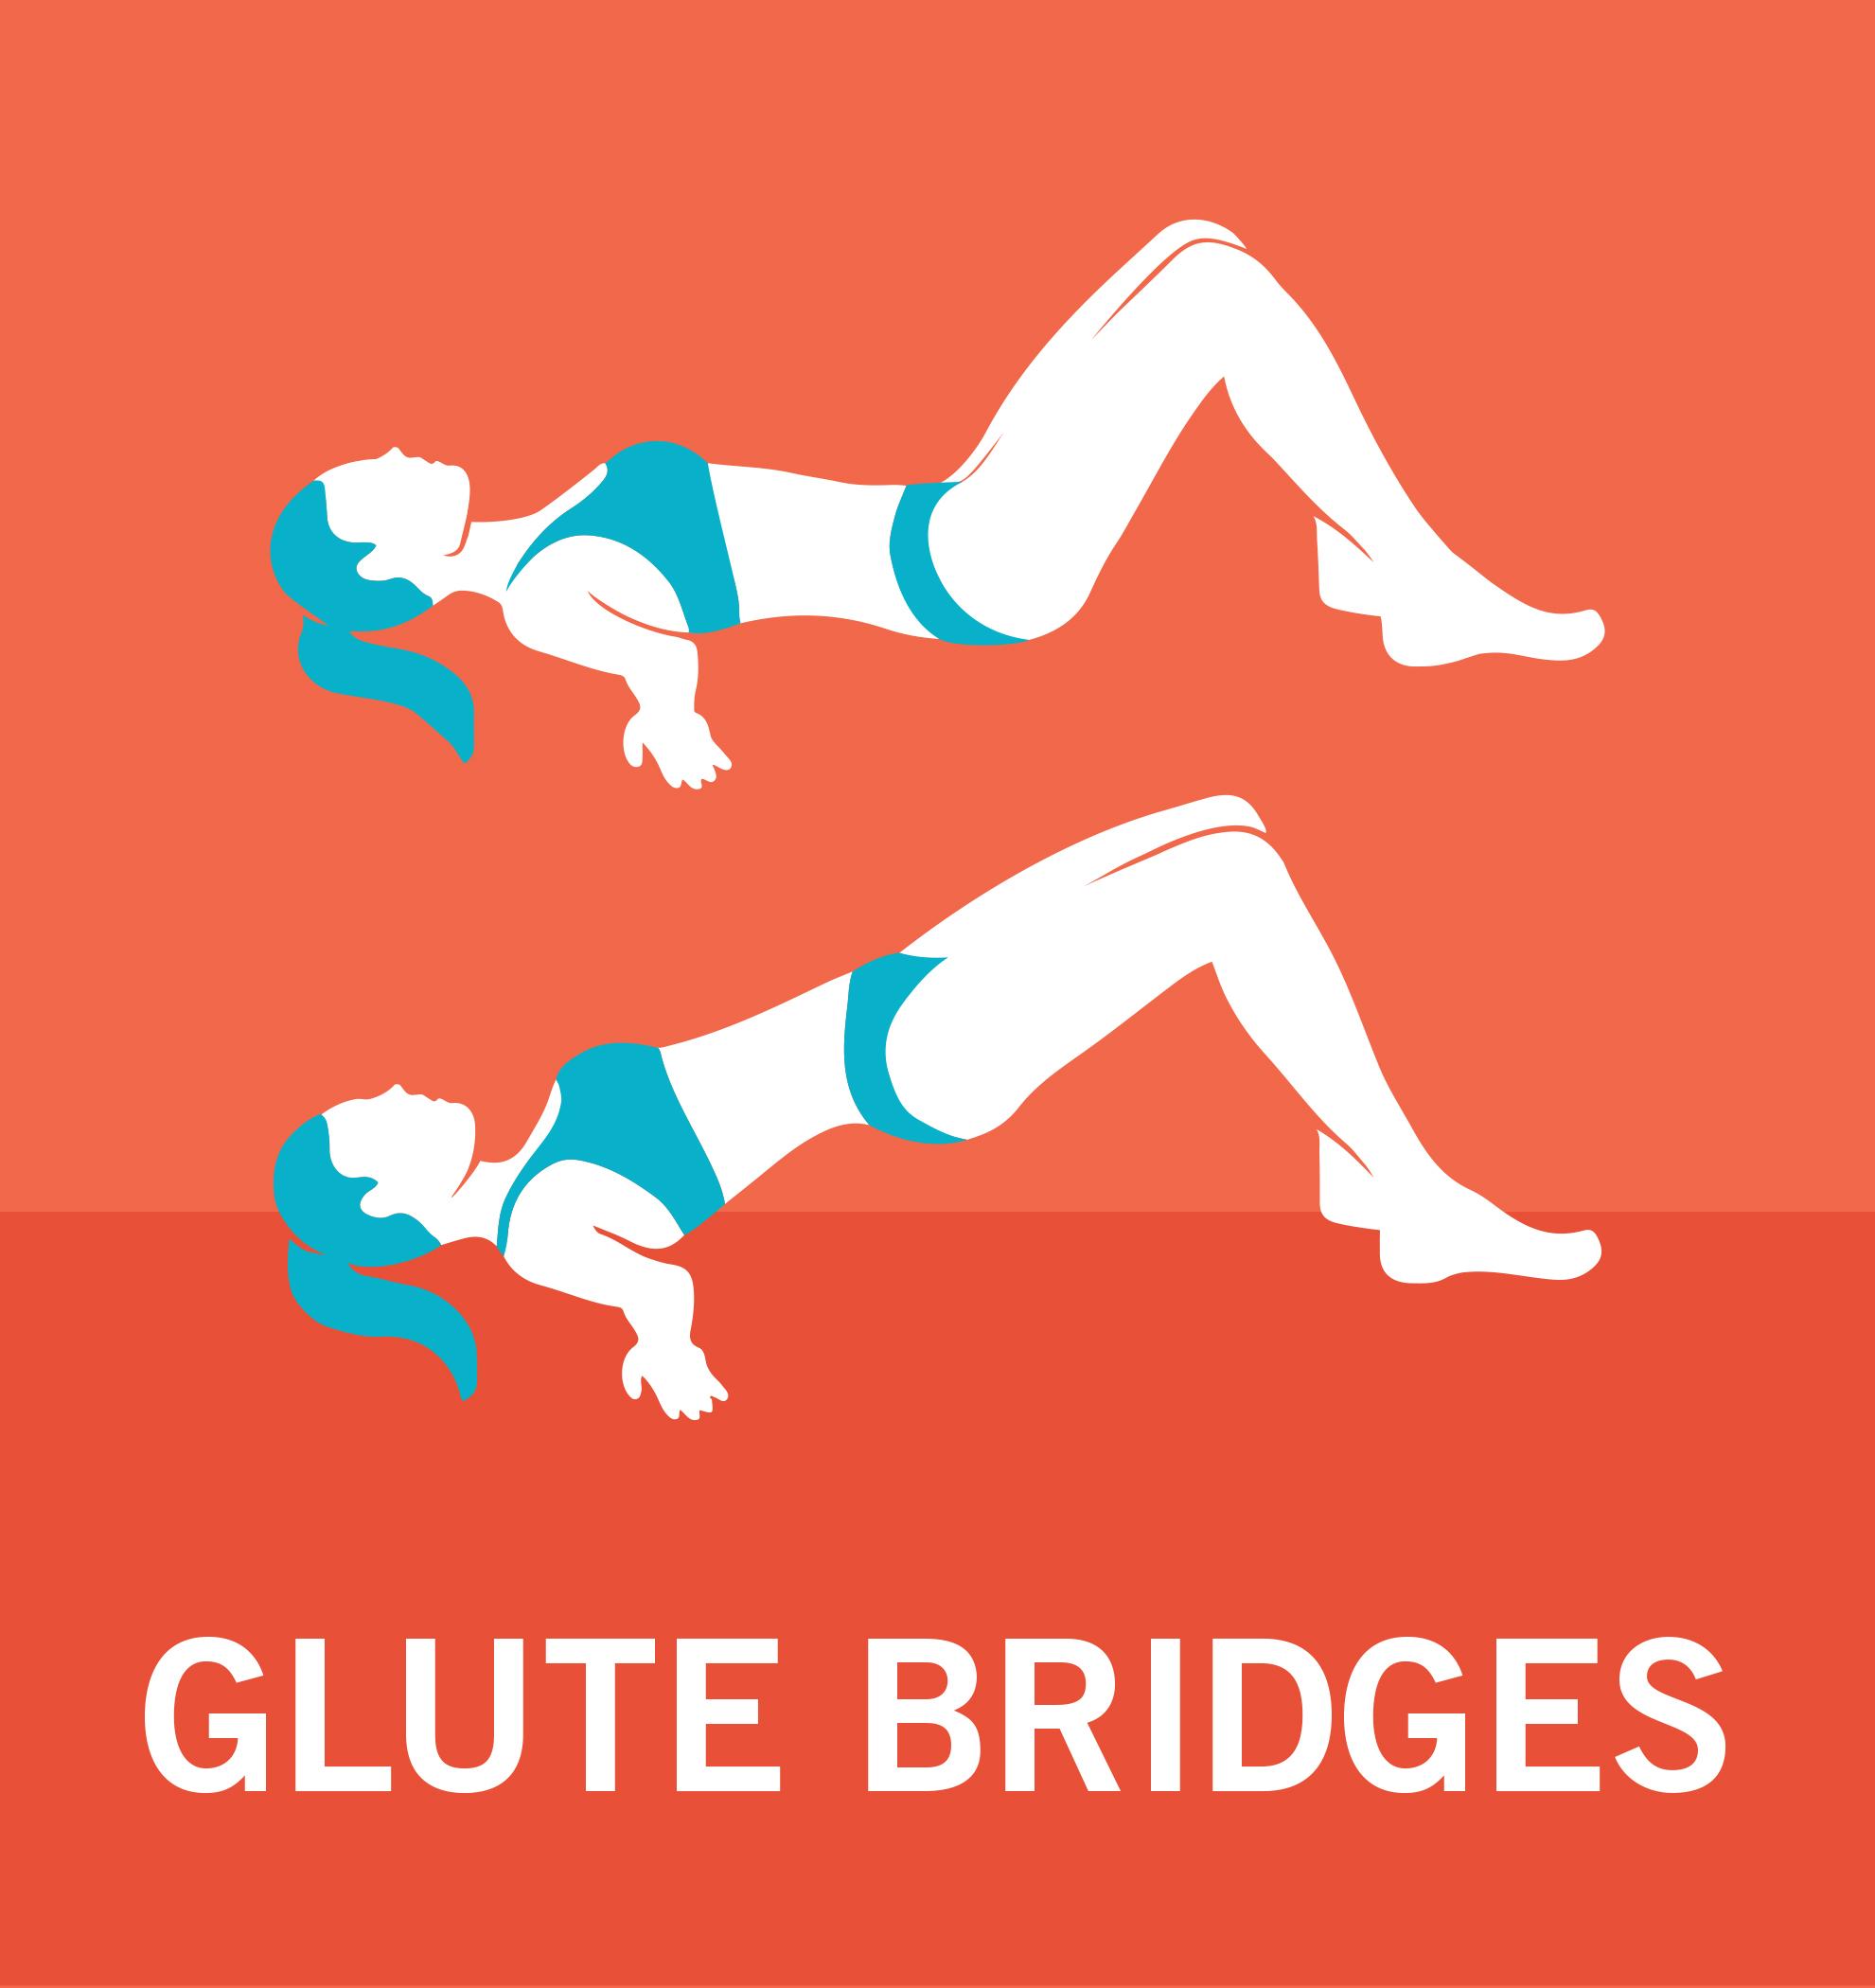 Glute Bridges